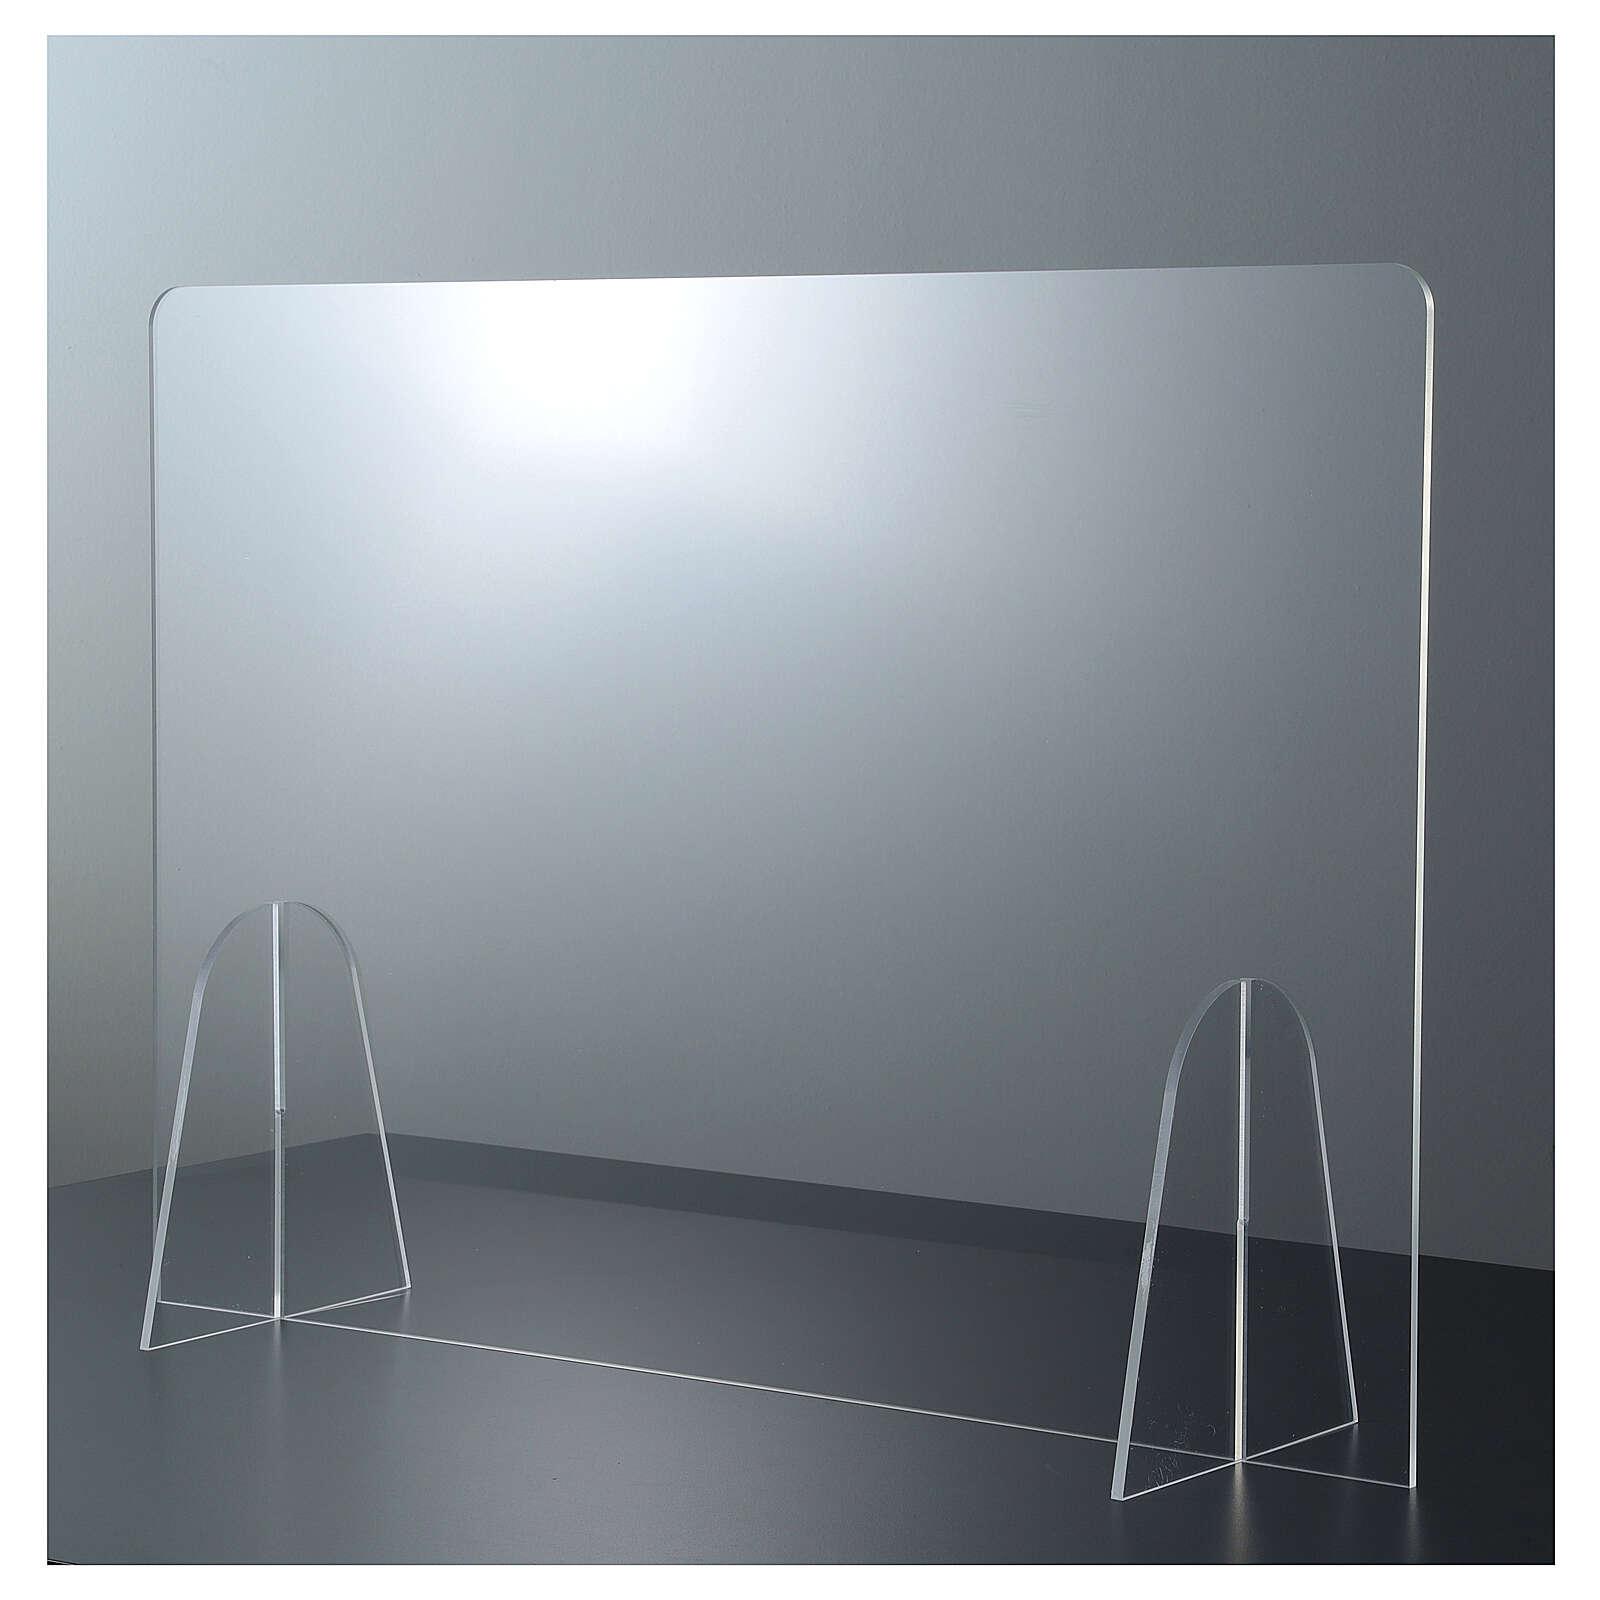 Panneau en plexiglas pour table Design Goutte h 50x70 cm 3